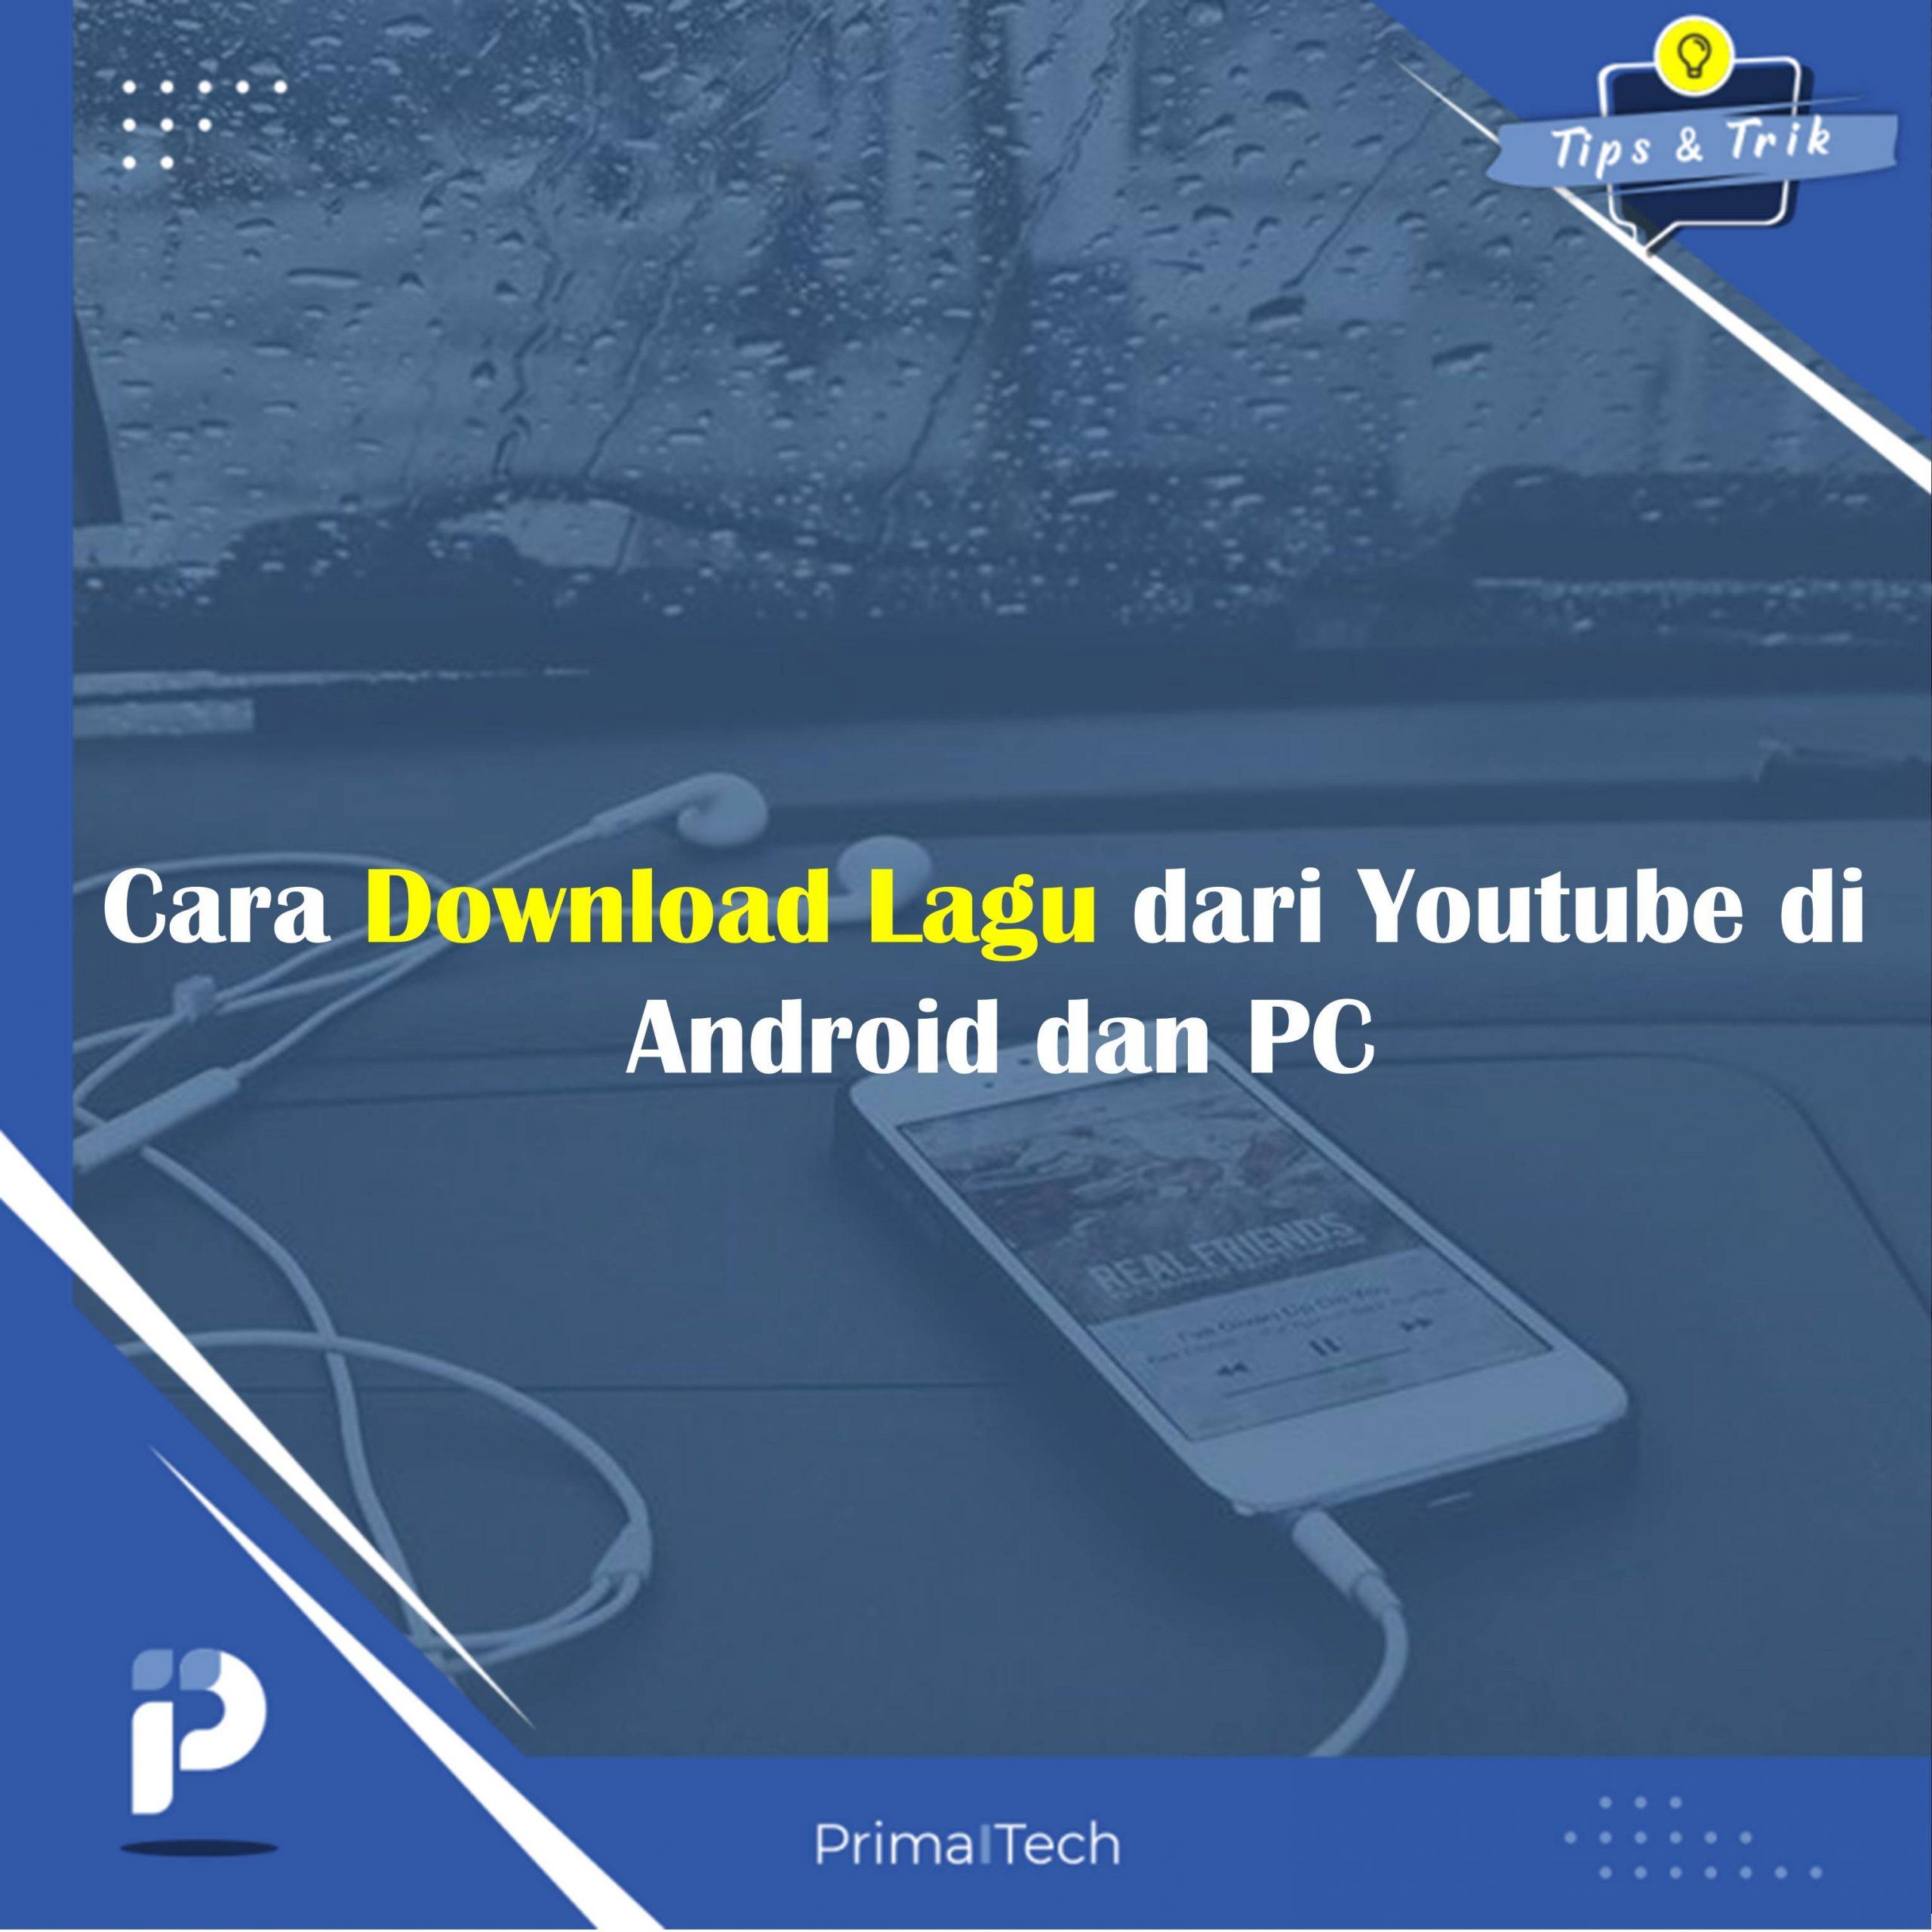 Cara Download Lagu dari Youtube di Android dan PC!